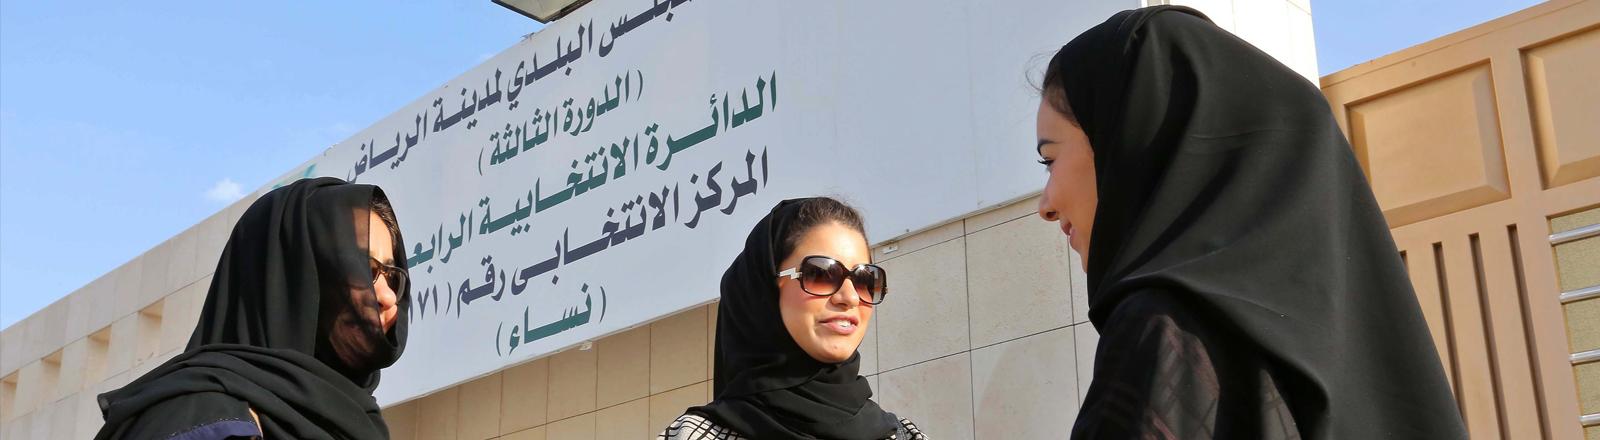 Saudische Frauen stehen am 12. Dezember 2015 vor einem Wahllokal, nachdem sie ihre Stimmen abgegeben haben